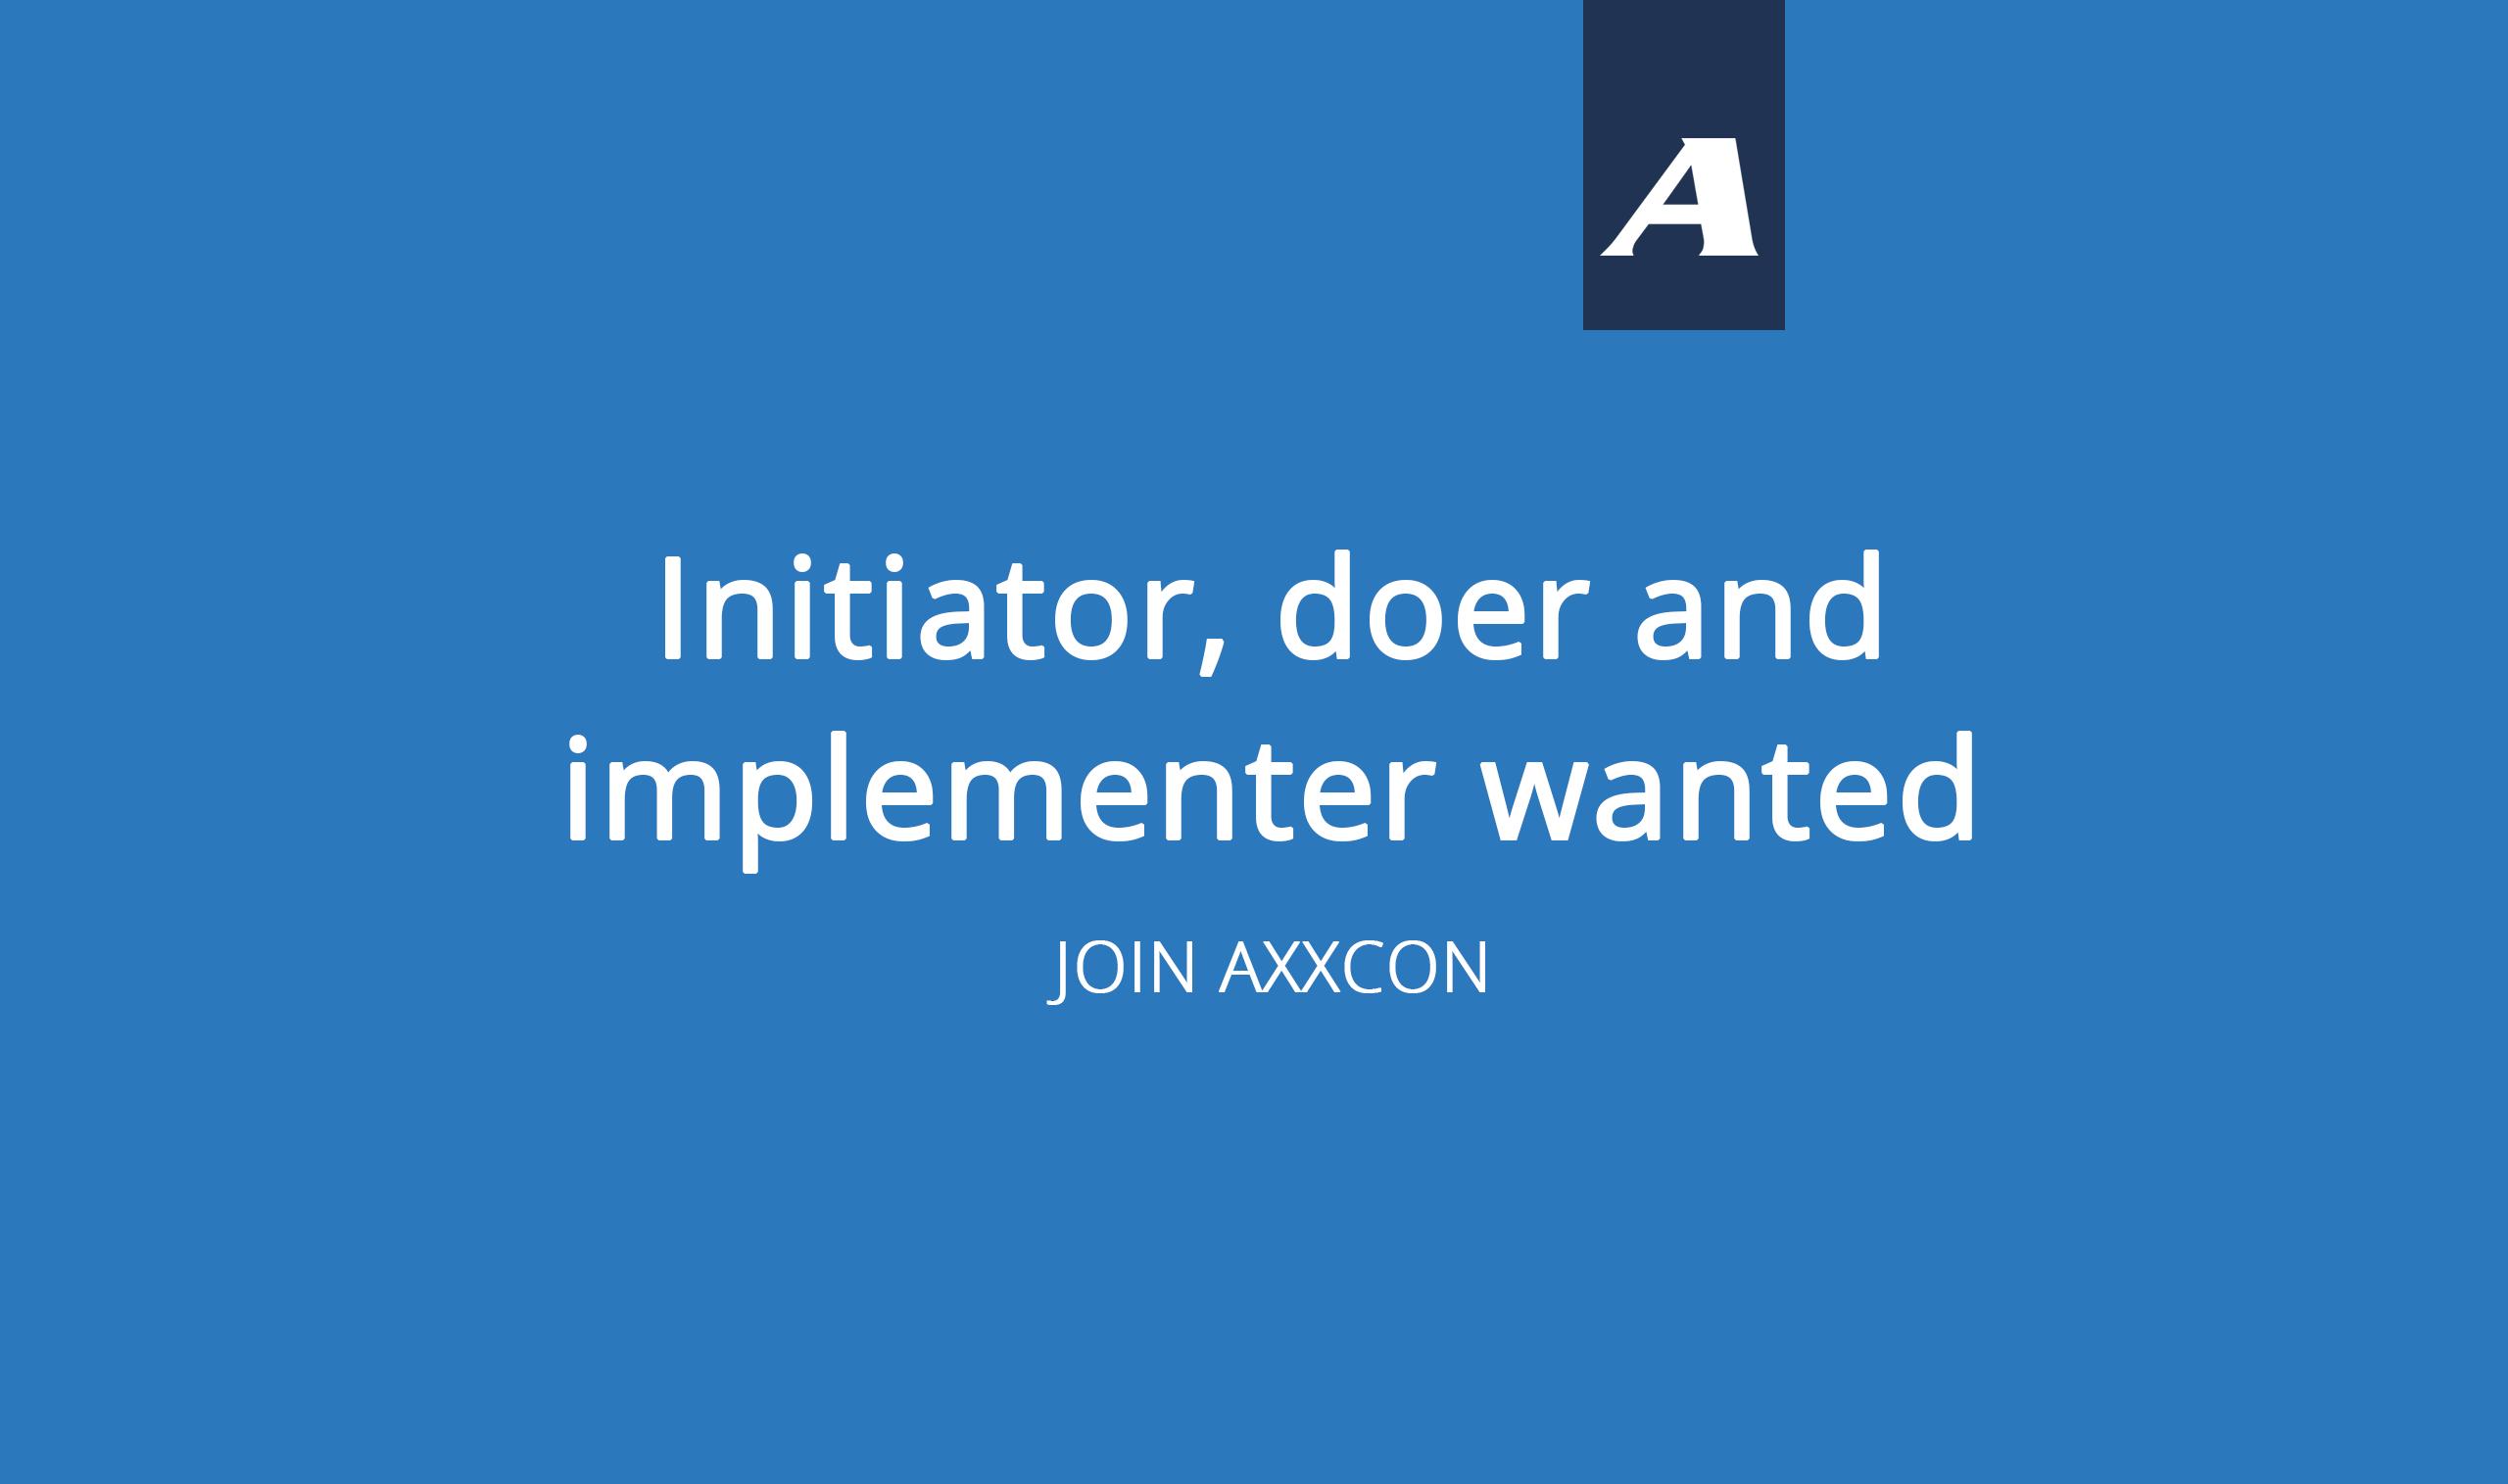 AXXCON Unternehmensberater werden Karriere